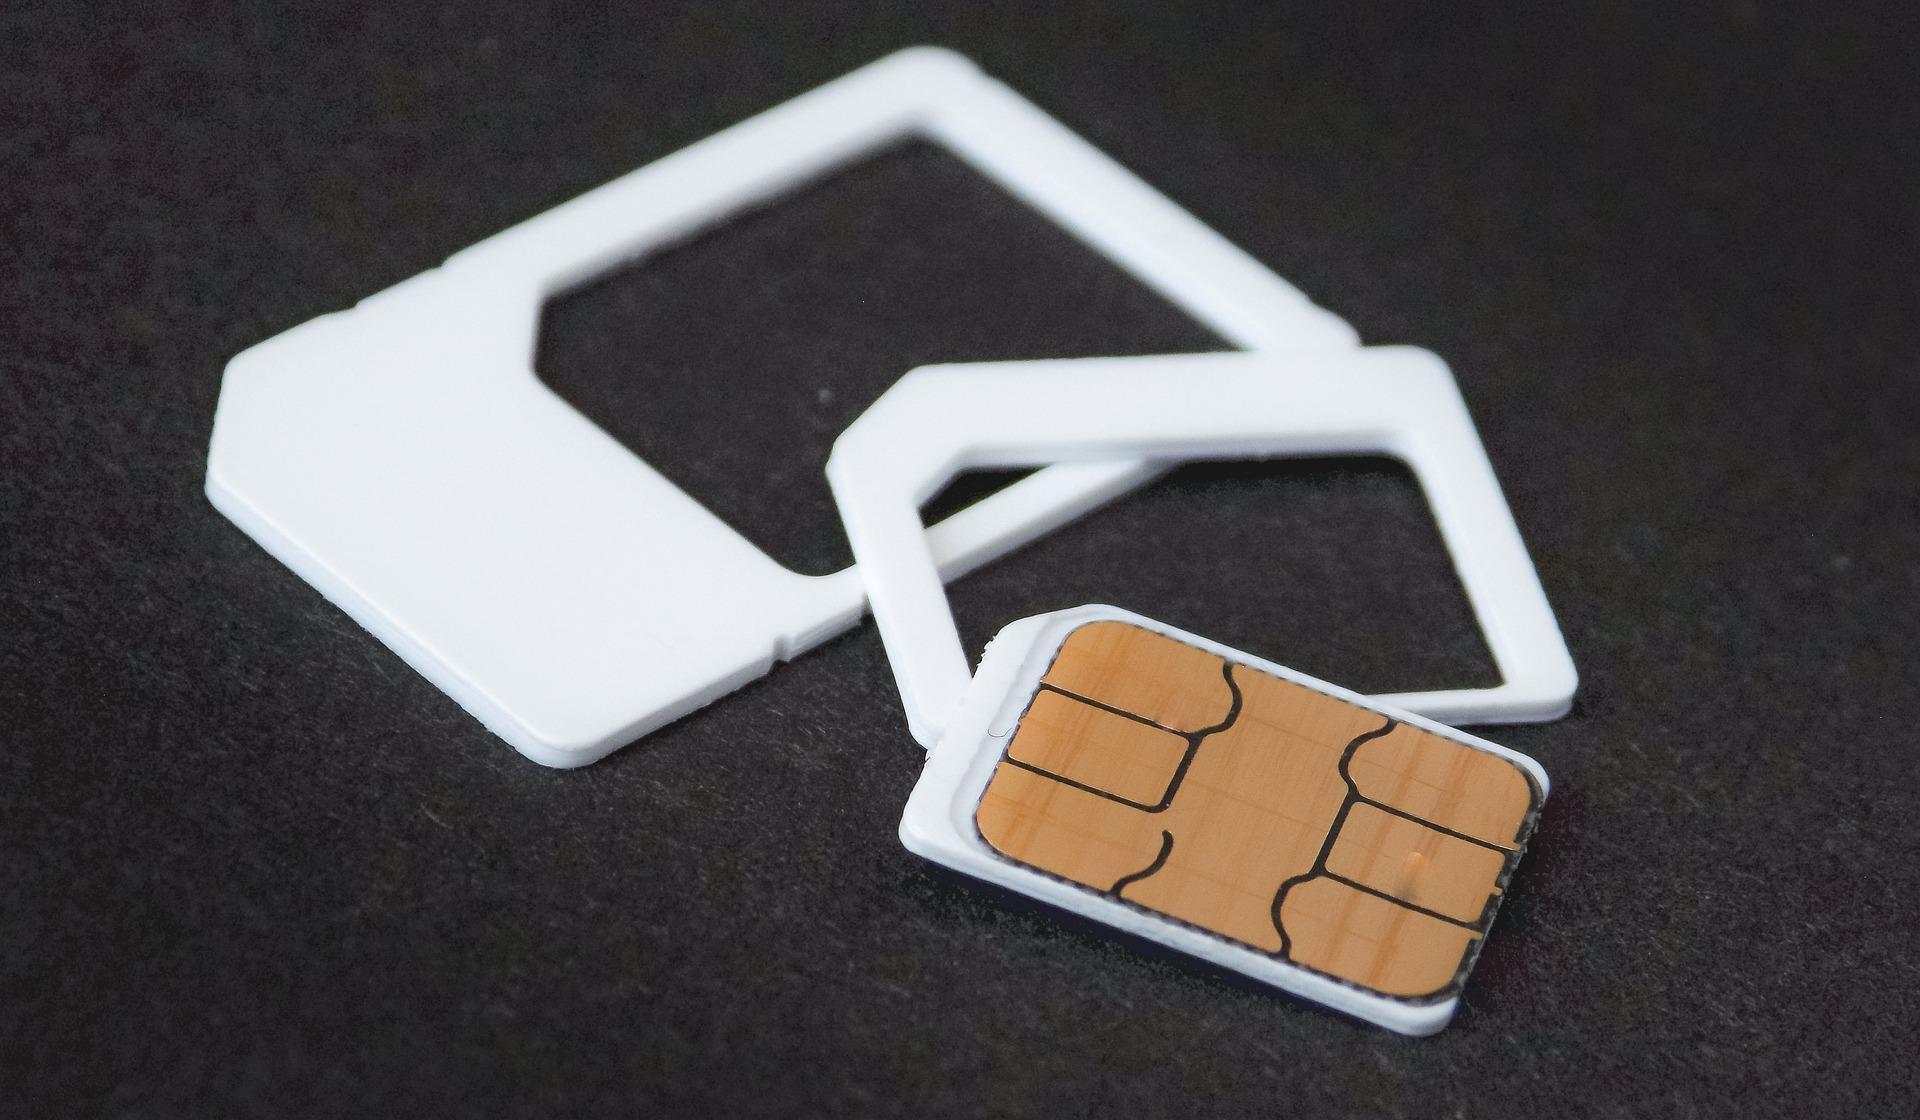 Перевыпуск SIM-карт: как нестать наживкой для мошенника